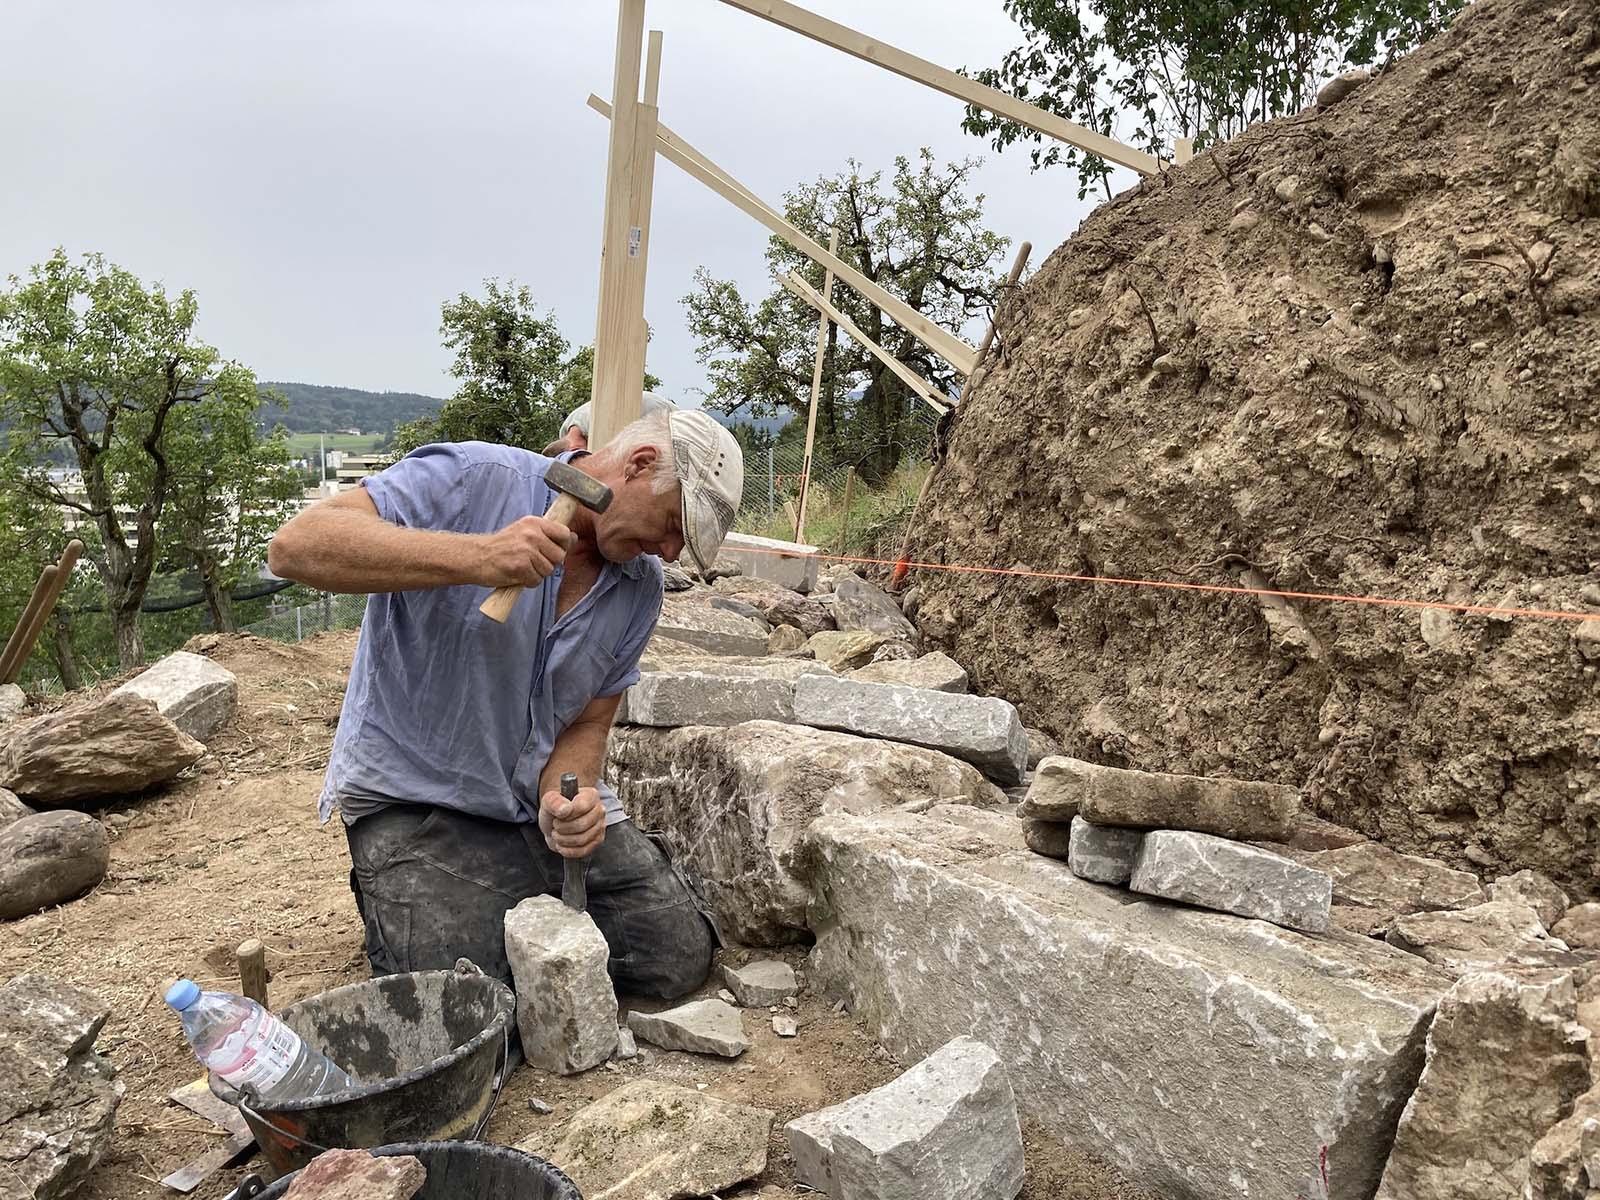 Während der «Offenen Baustelle» können Interessierte mithelfen, eine Trockenmauer zu bauen.